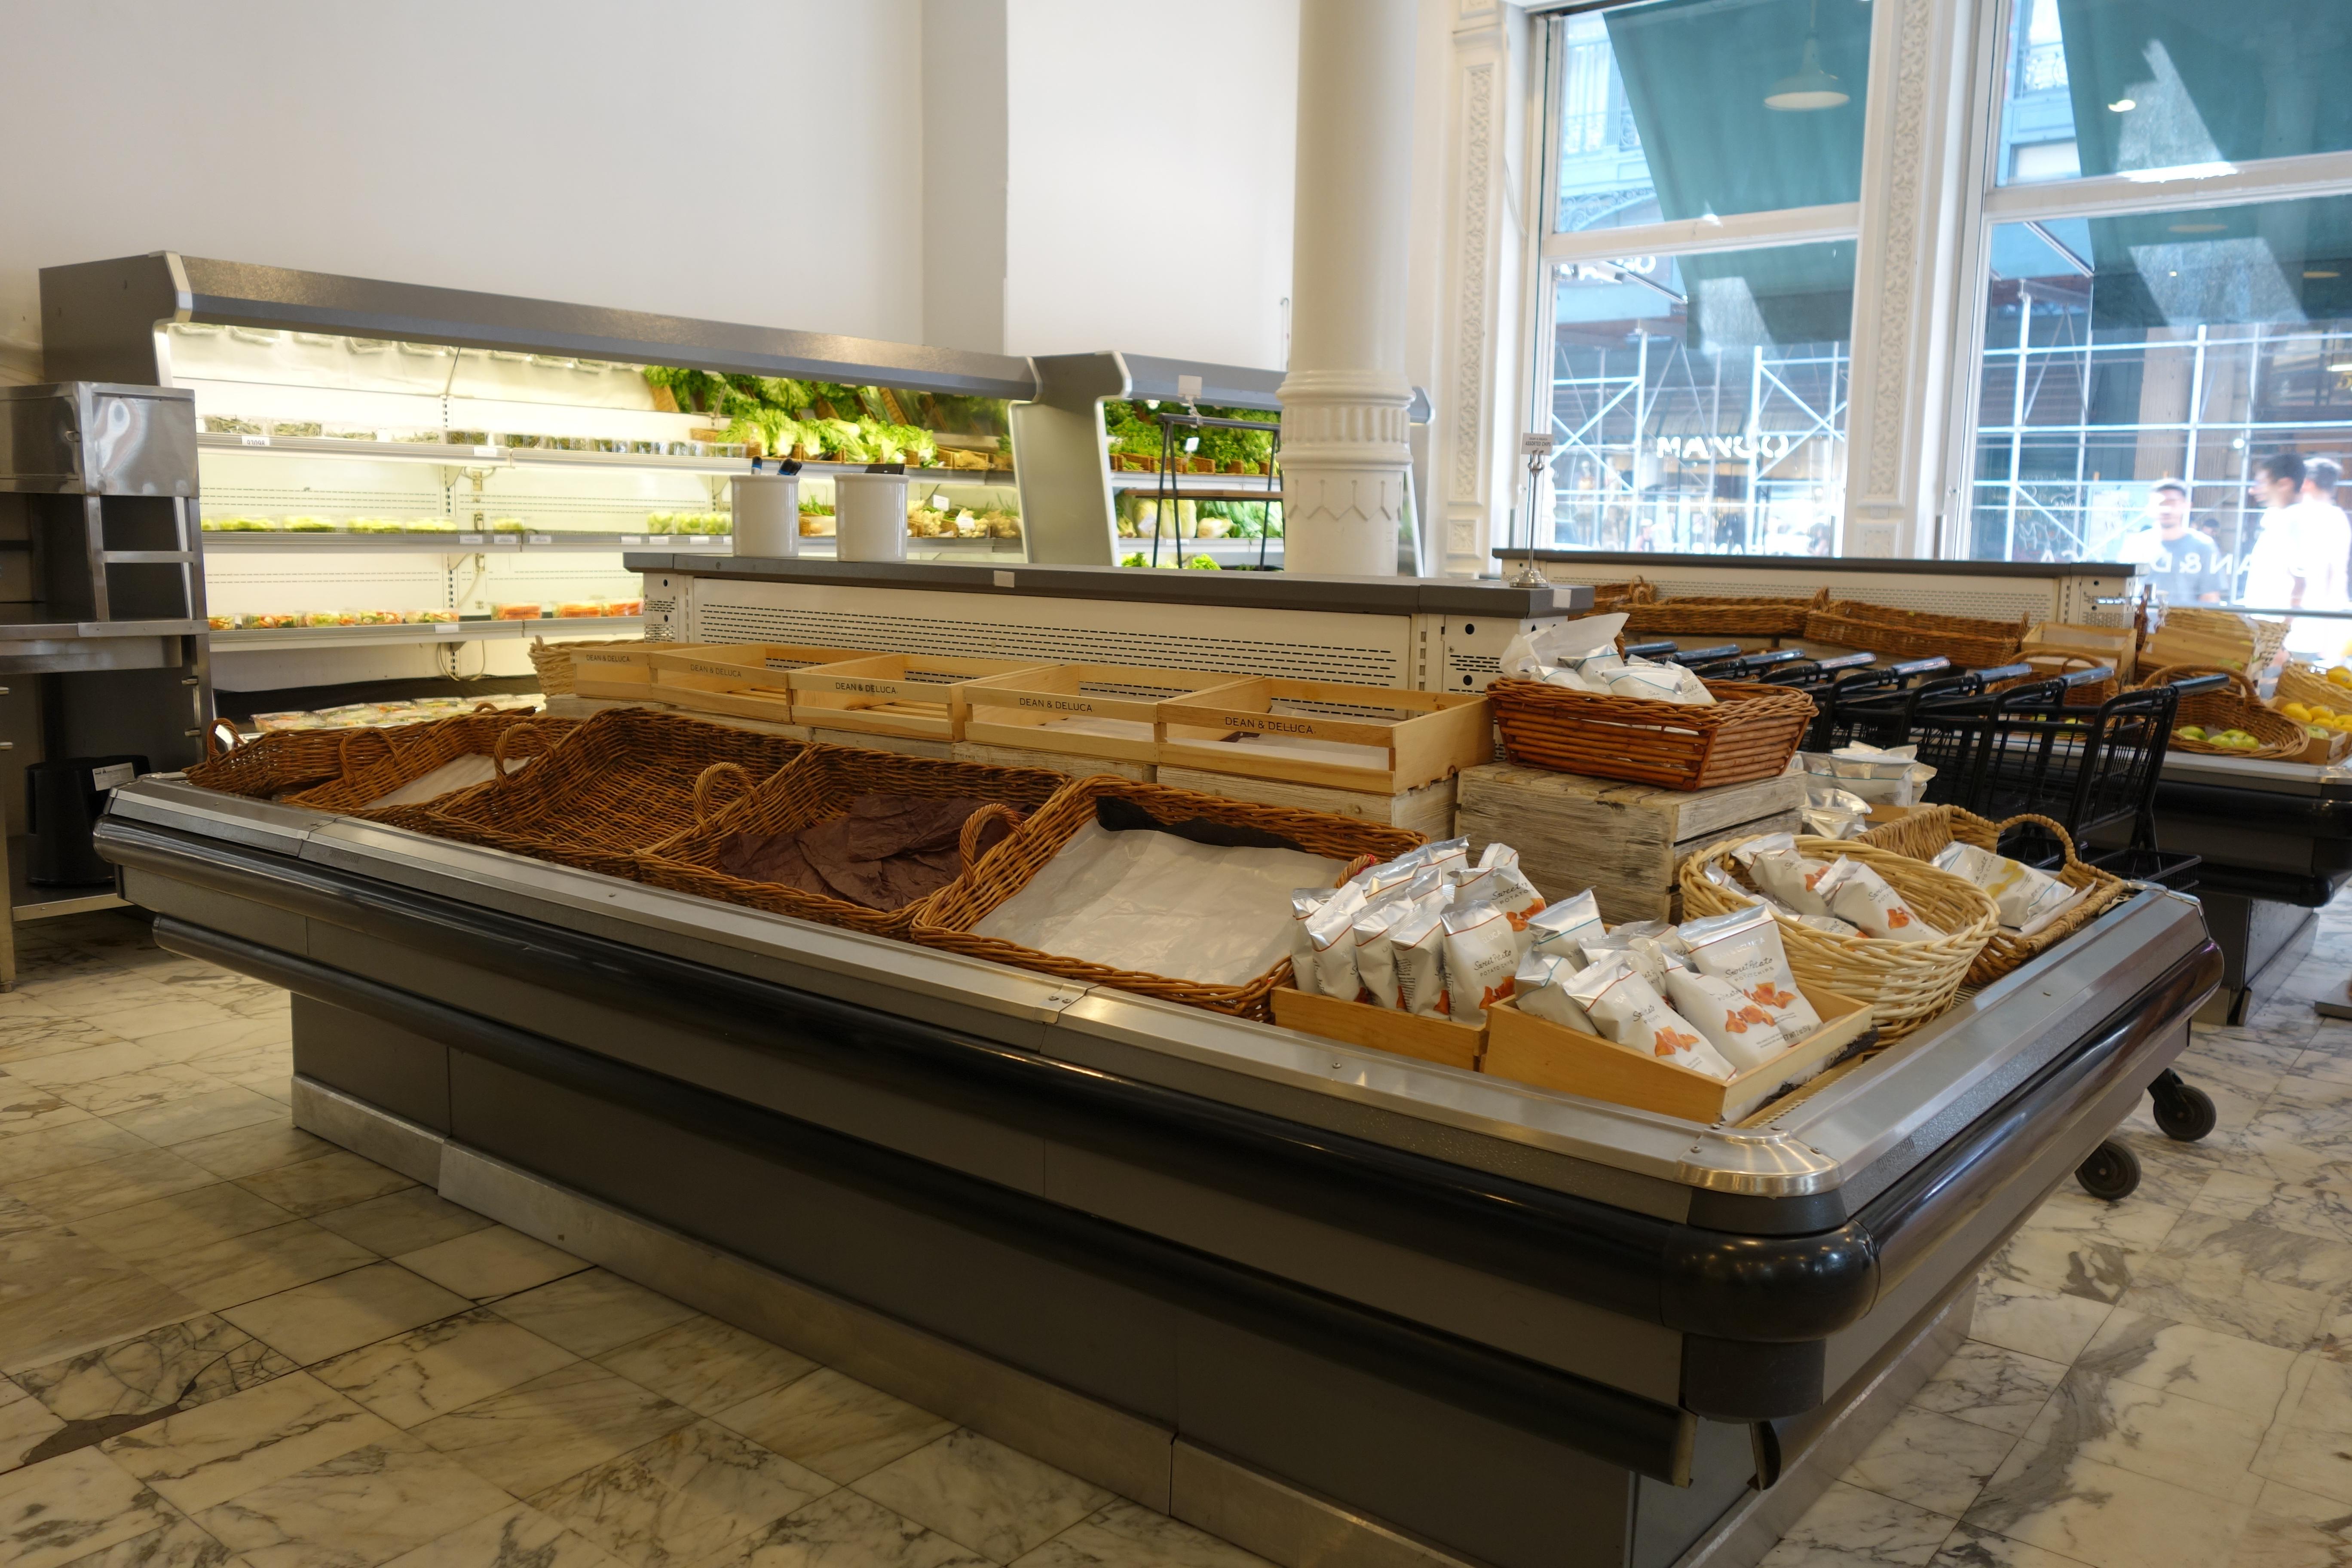 Empty produce bins inside the Dean & DeLuca grocery store